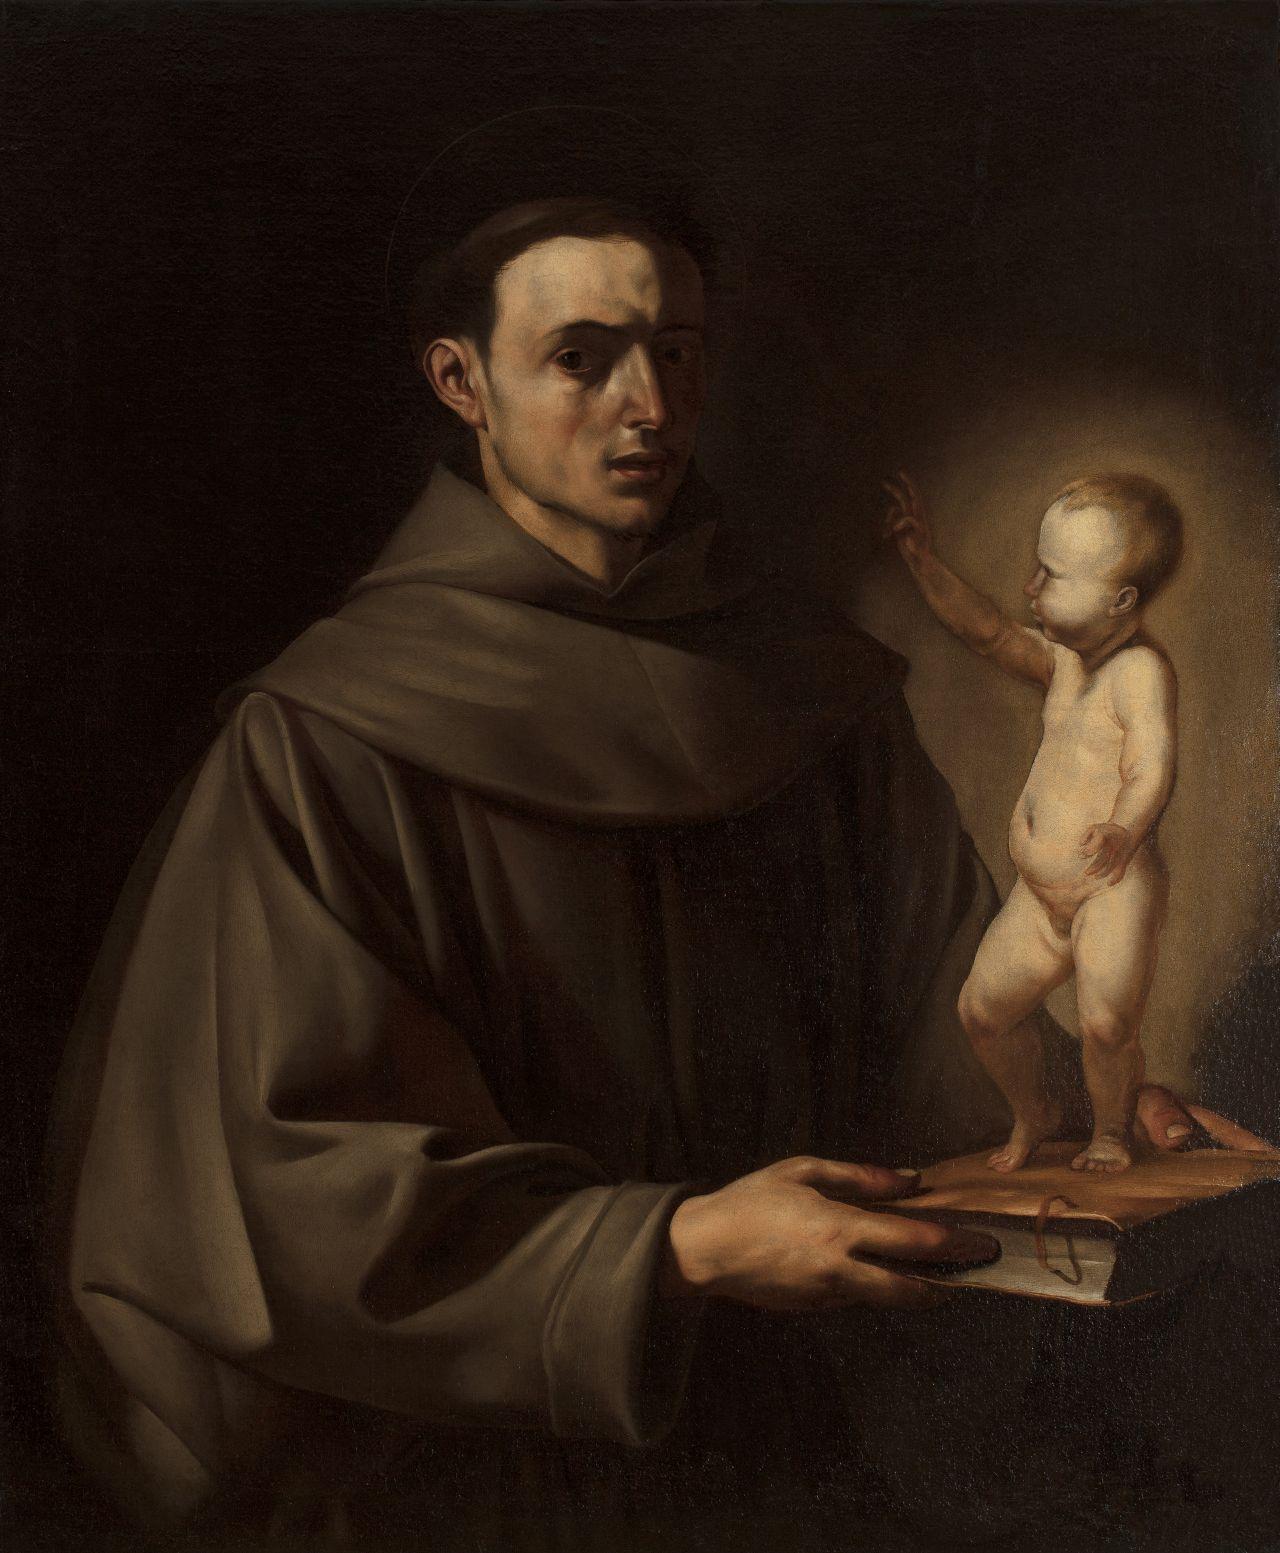 Sant Antoni amb el Nen Jesús, José de Ribera